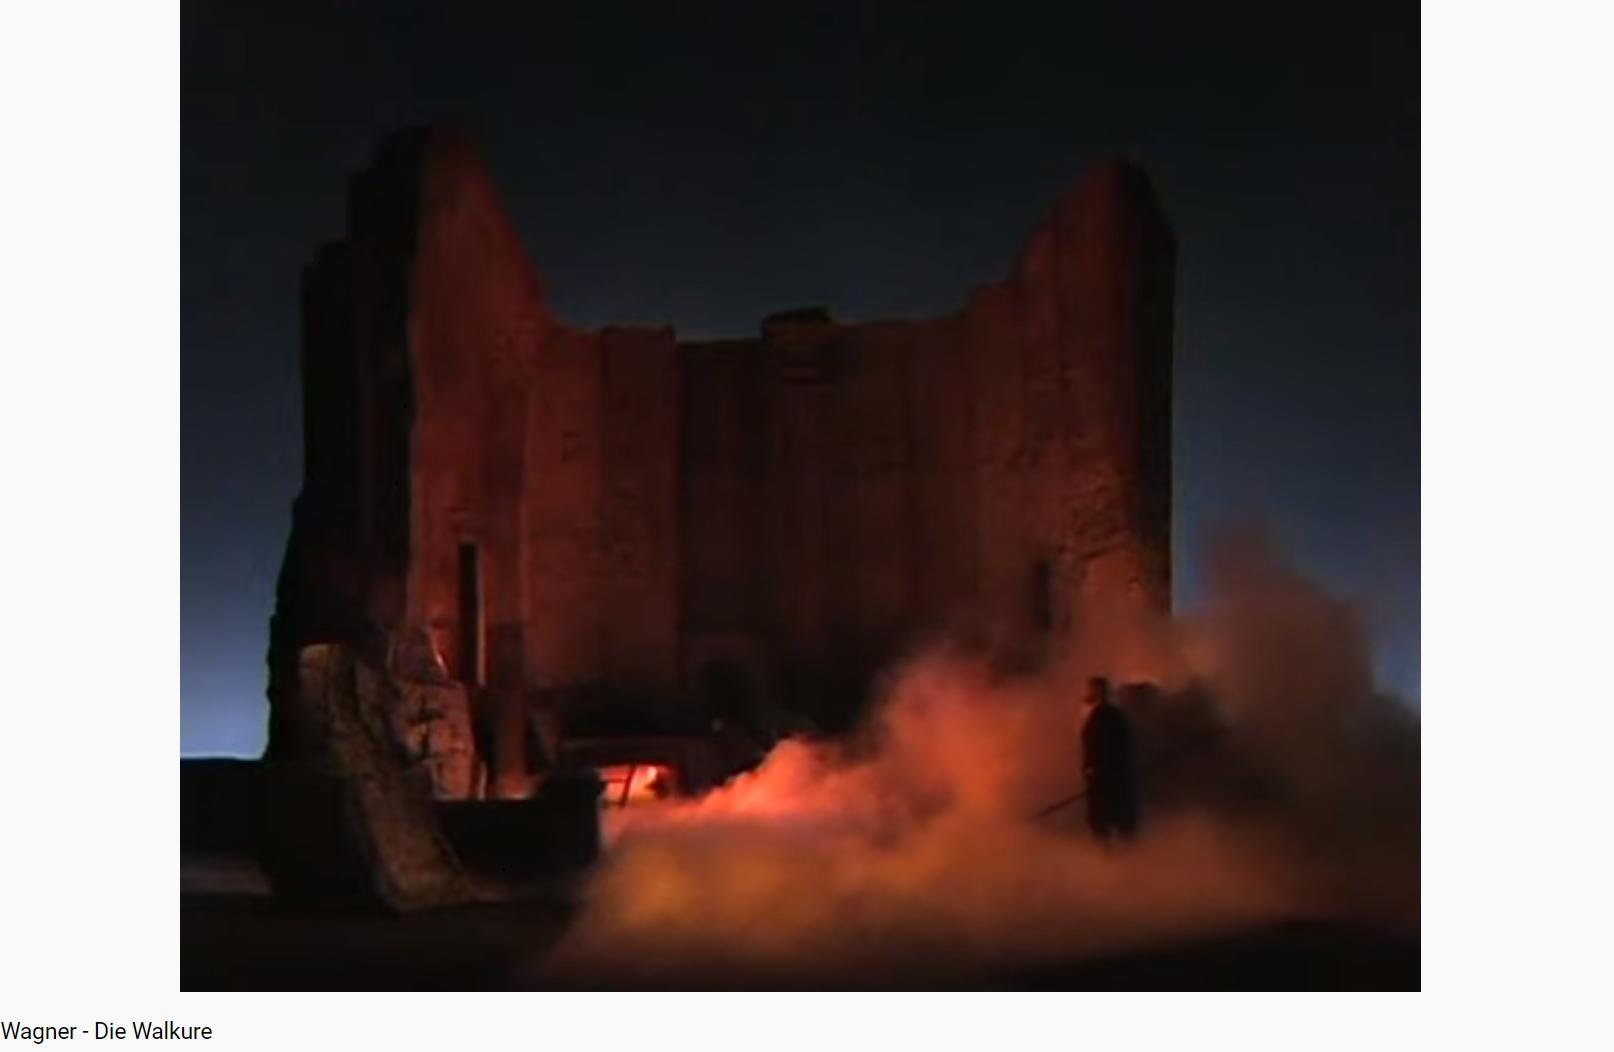 Wagner die Walküre scène du feu